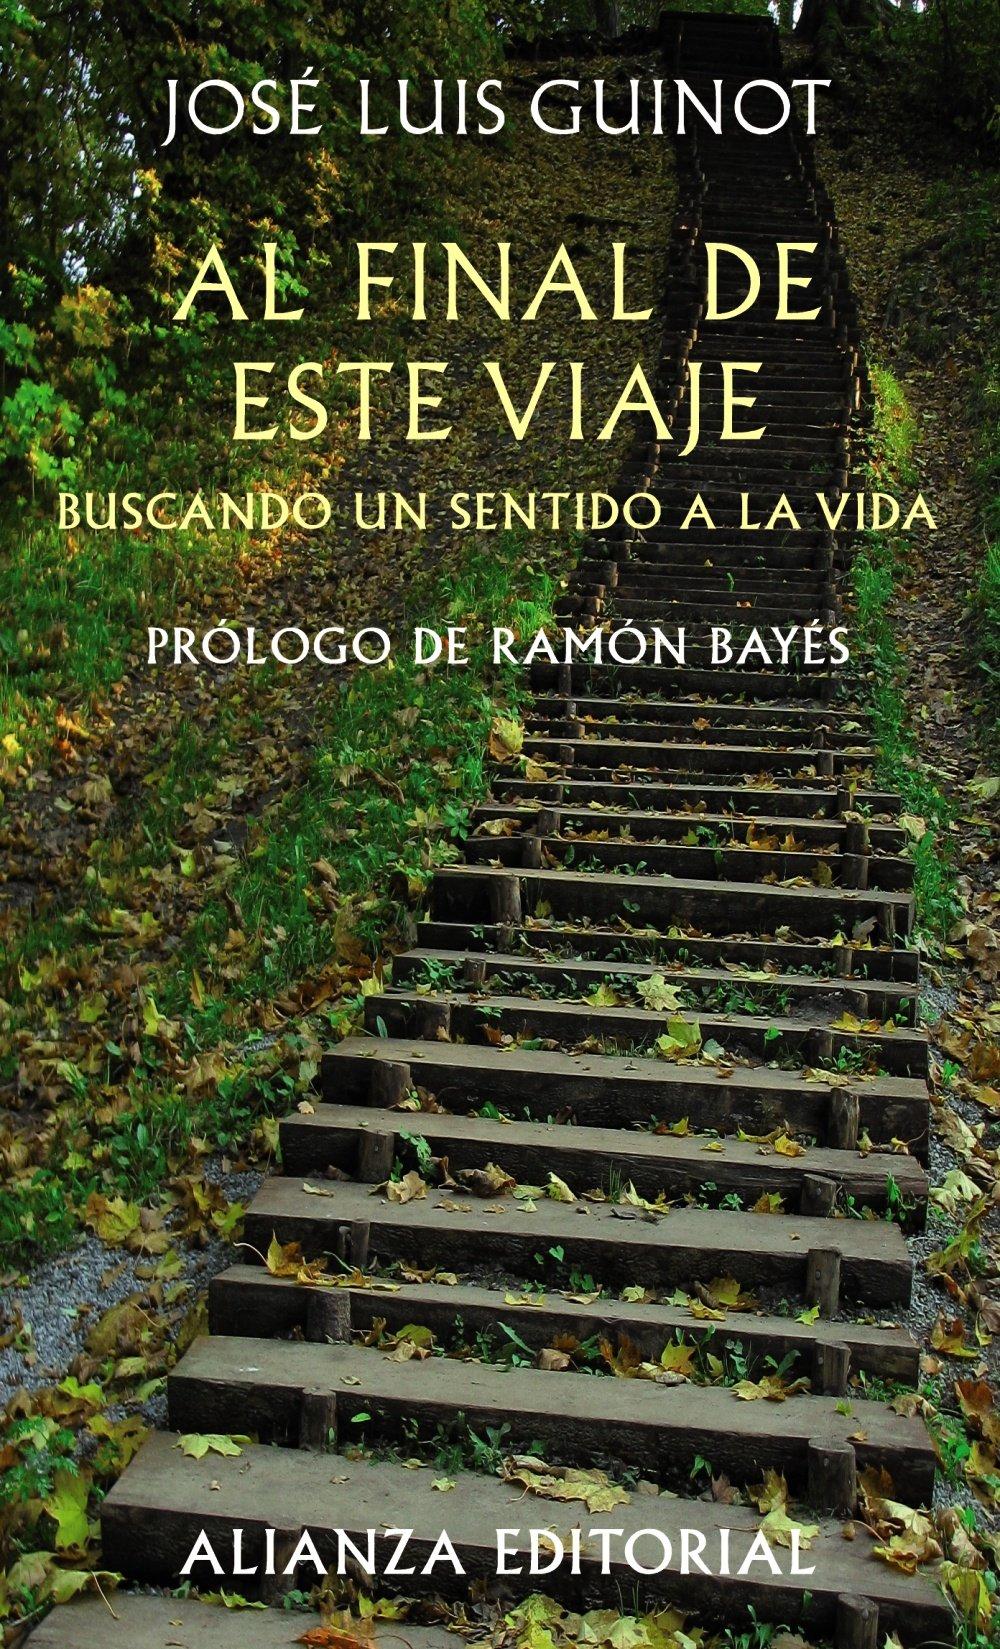 Download Al final de este viaje / At the End of this Trip: Buscando un sentido a la vida / Looking for a Meaning to Life (Spanish Edition) pdf epub